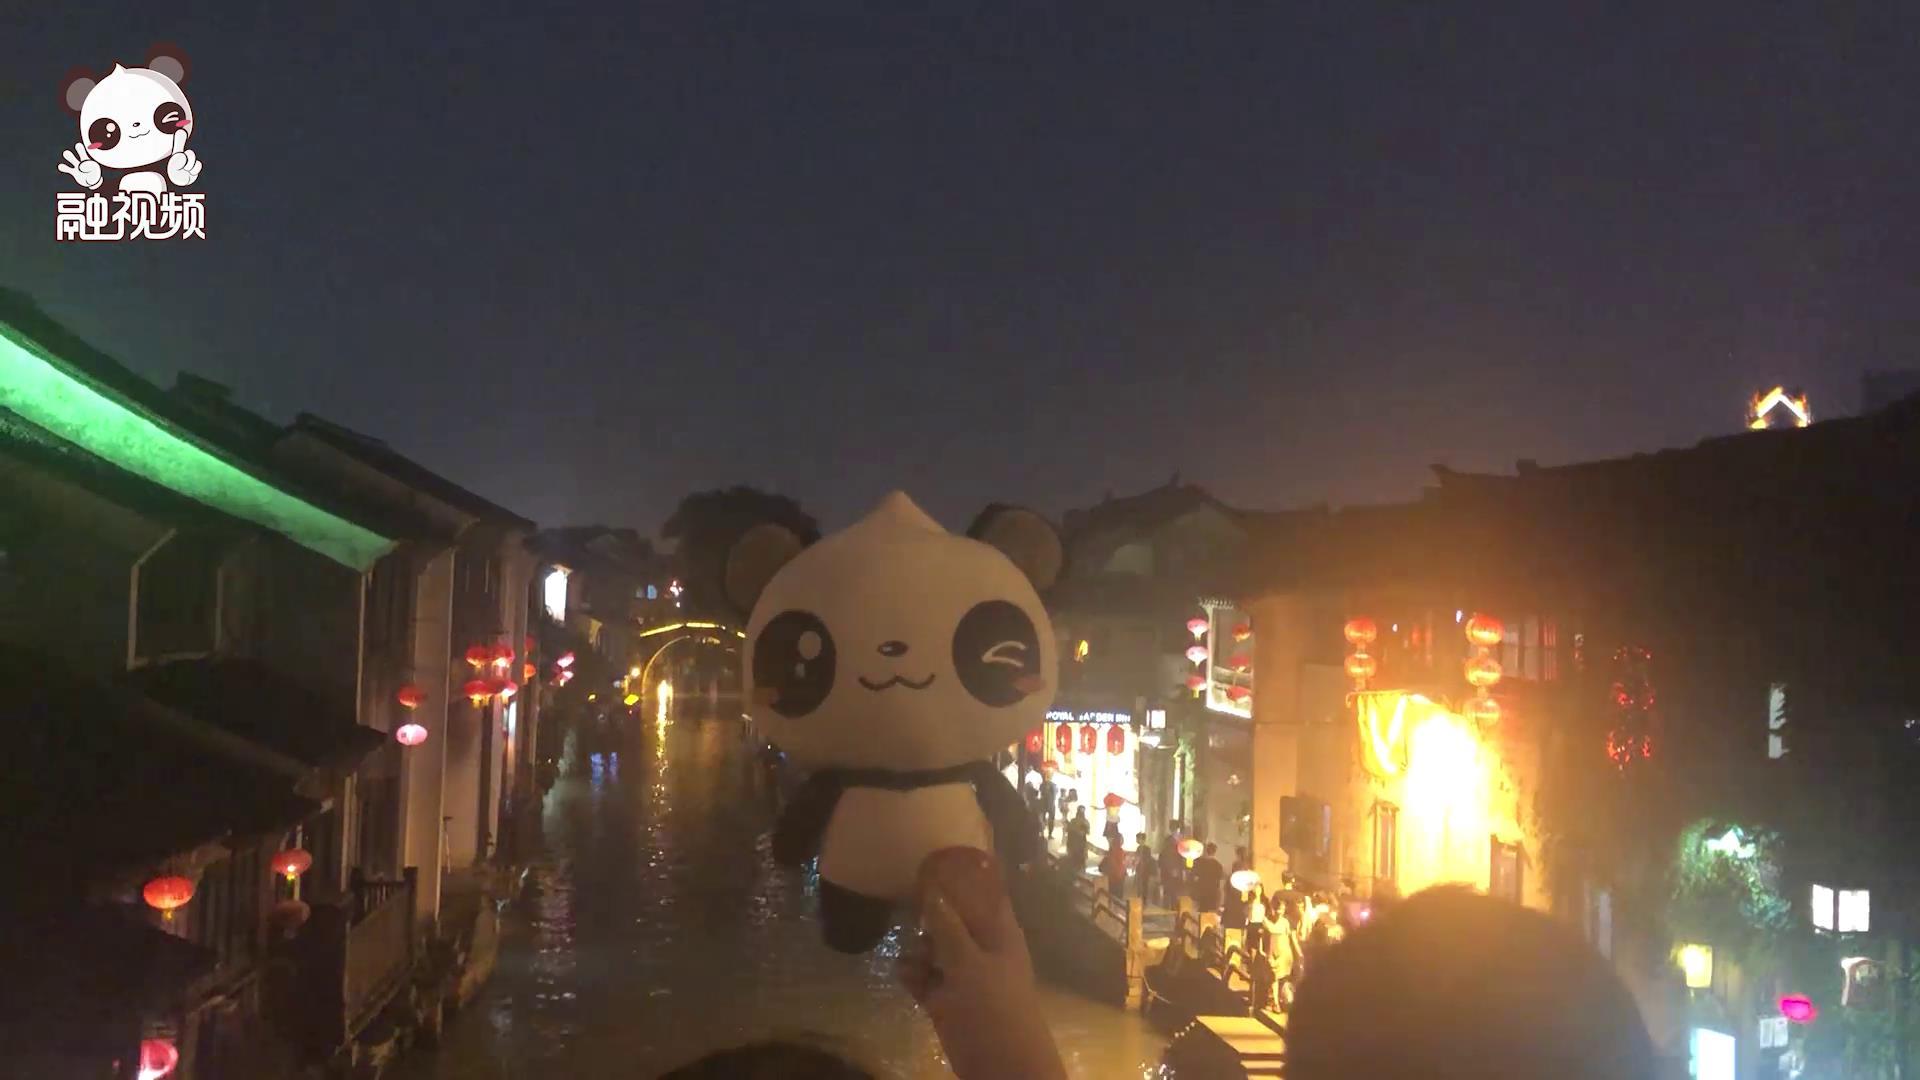 融融夜遊蘇州 最火電視劇《都挺好》拍攝地打卡圖片